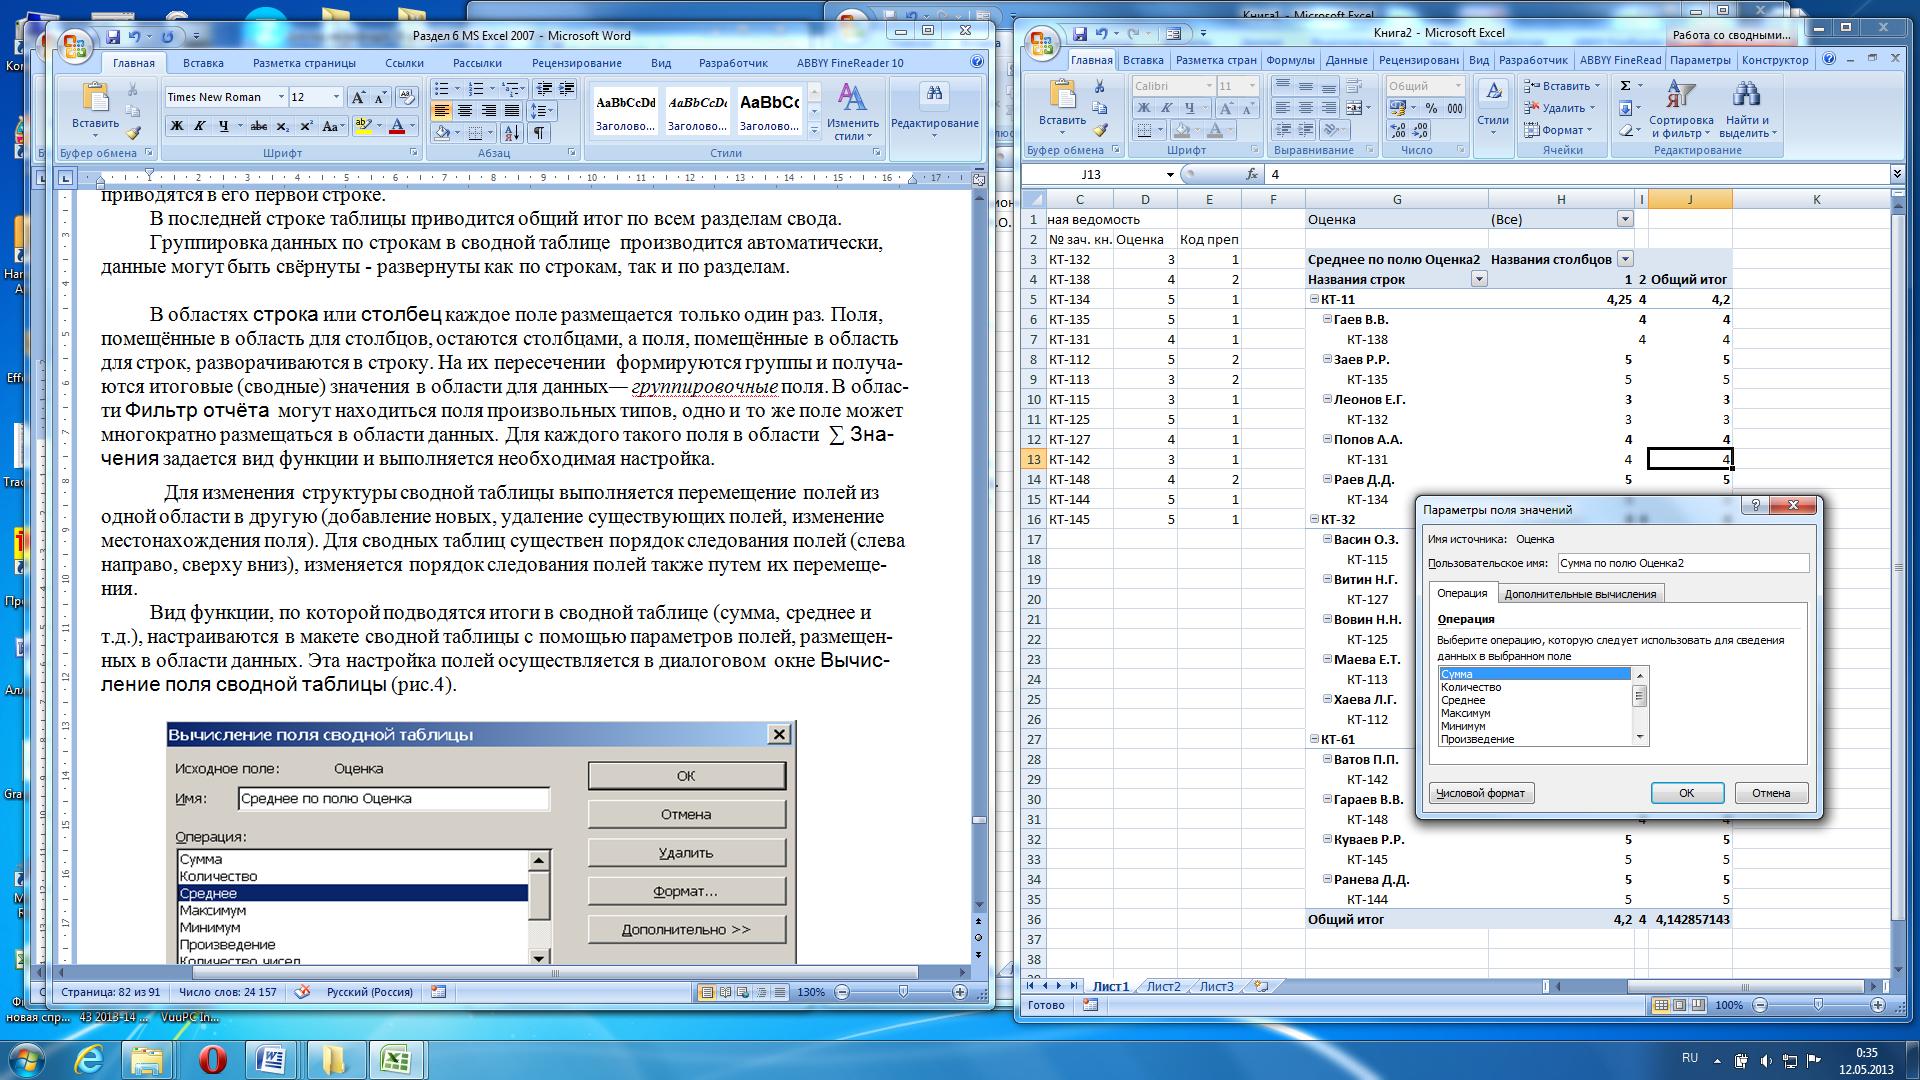 Настройка полей страницы в Word - Word - Microsoft Office Support 24